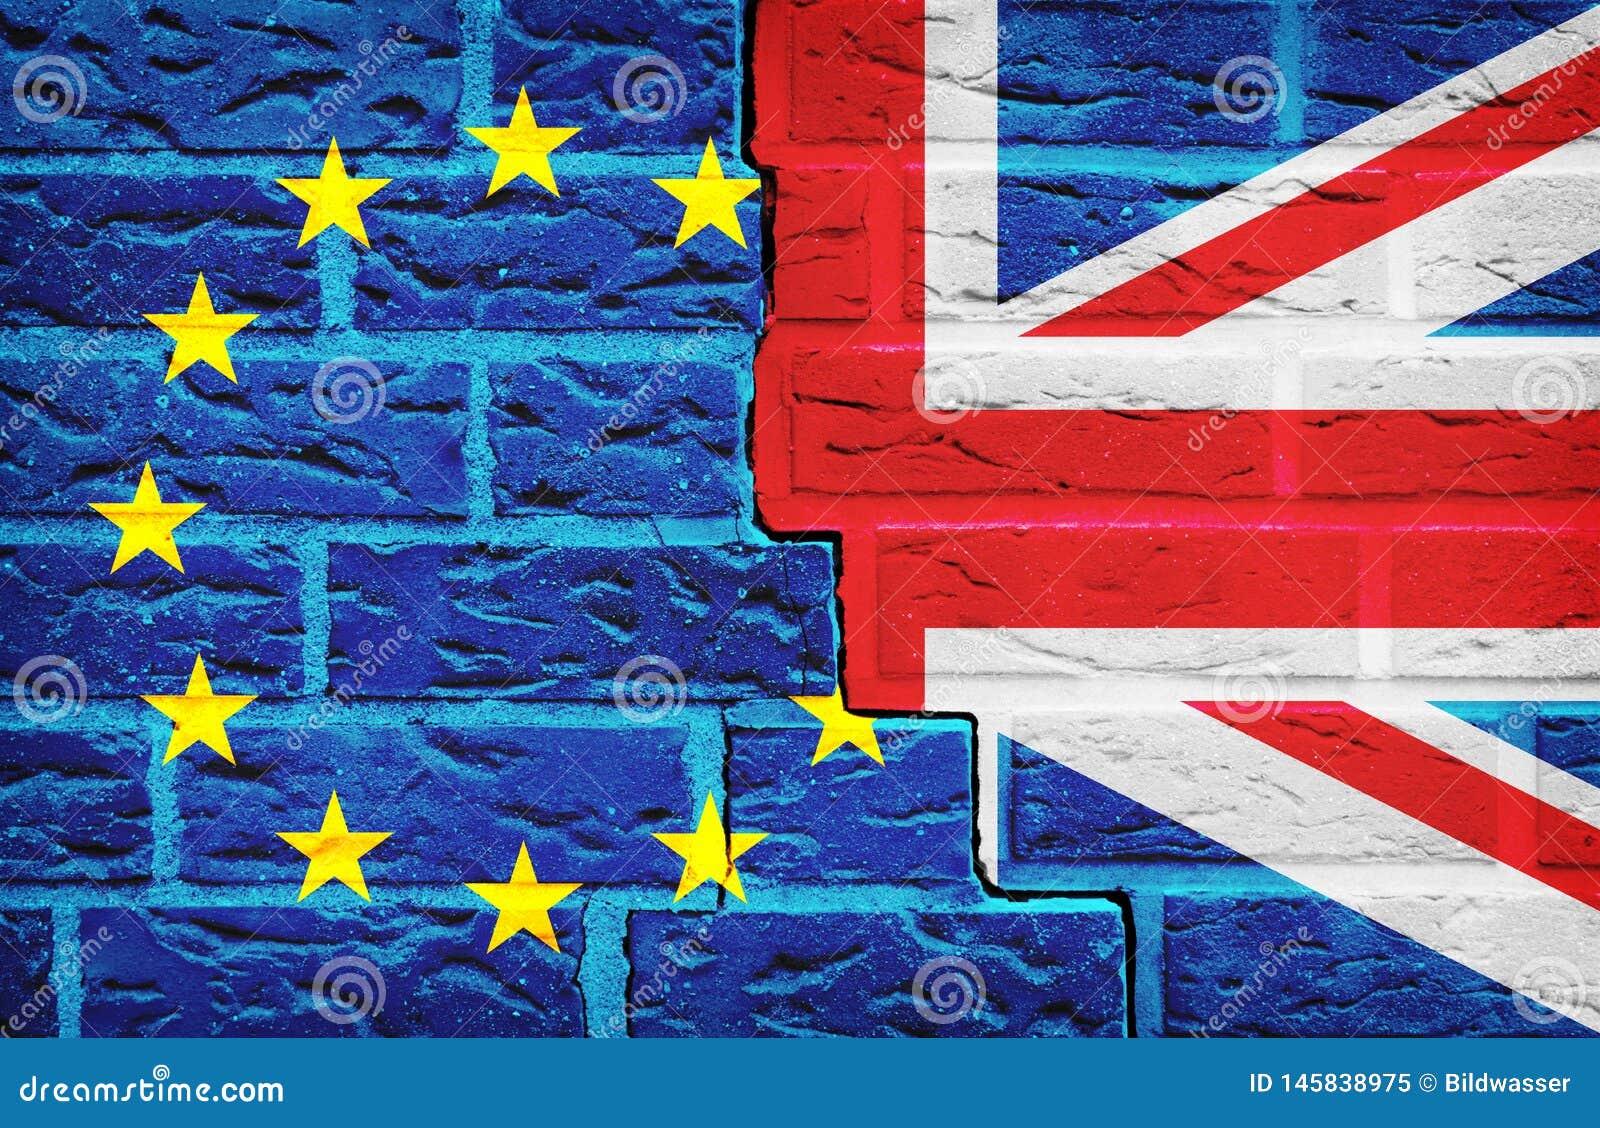 Brexit unia europejska i Wielka Brytania flaga na ?amanej ?cianie G?osowanie dla wyj?cia poj?cia